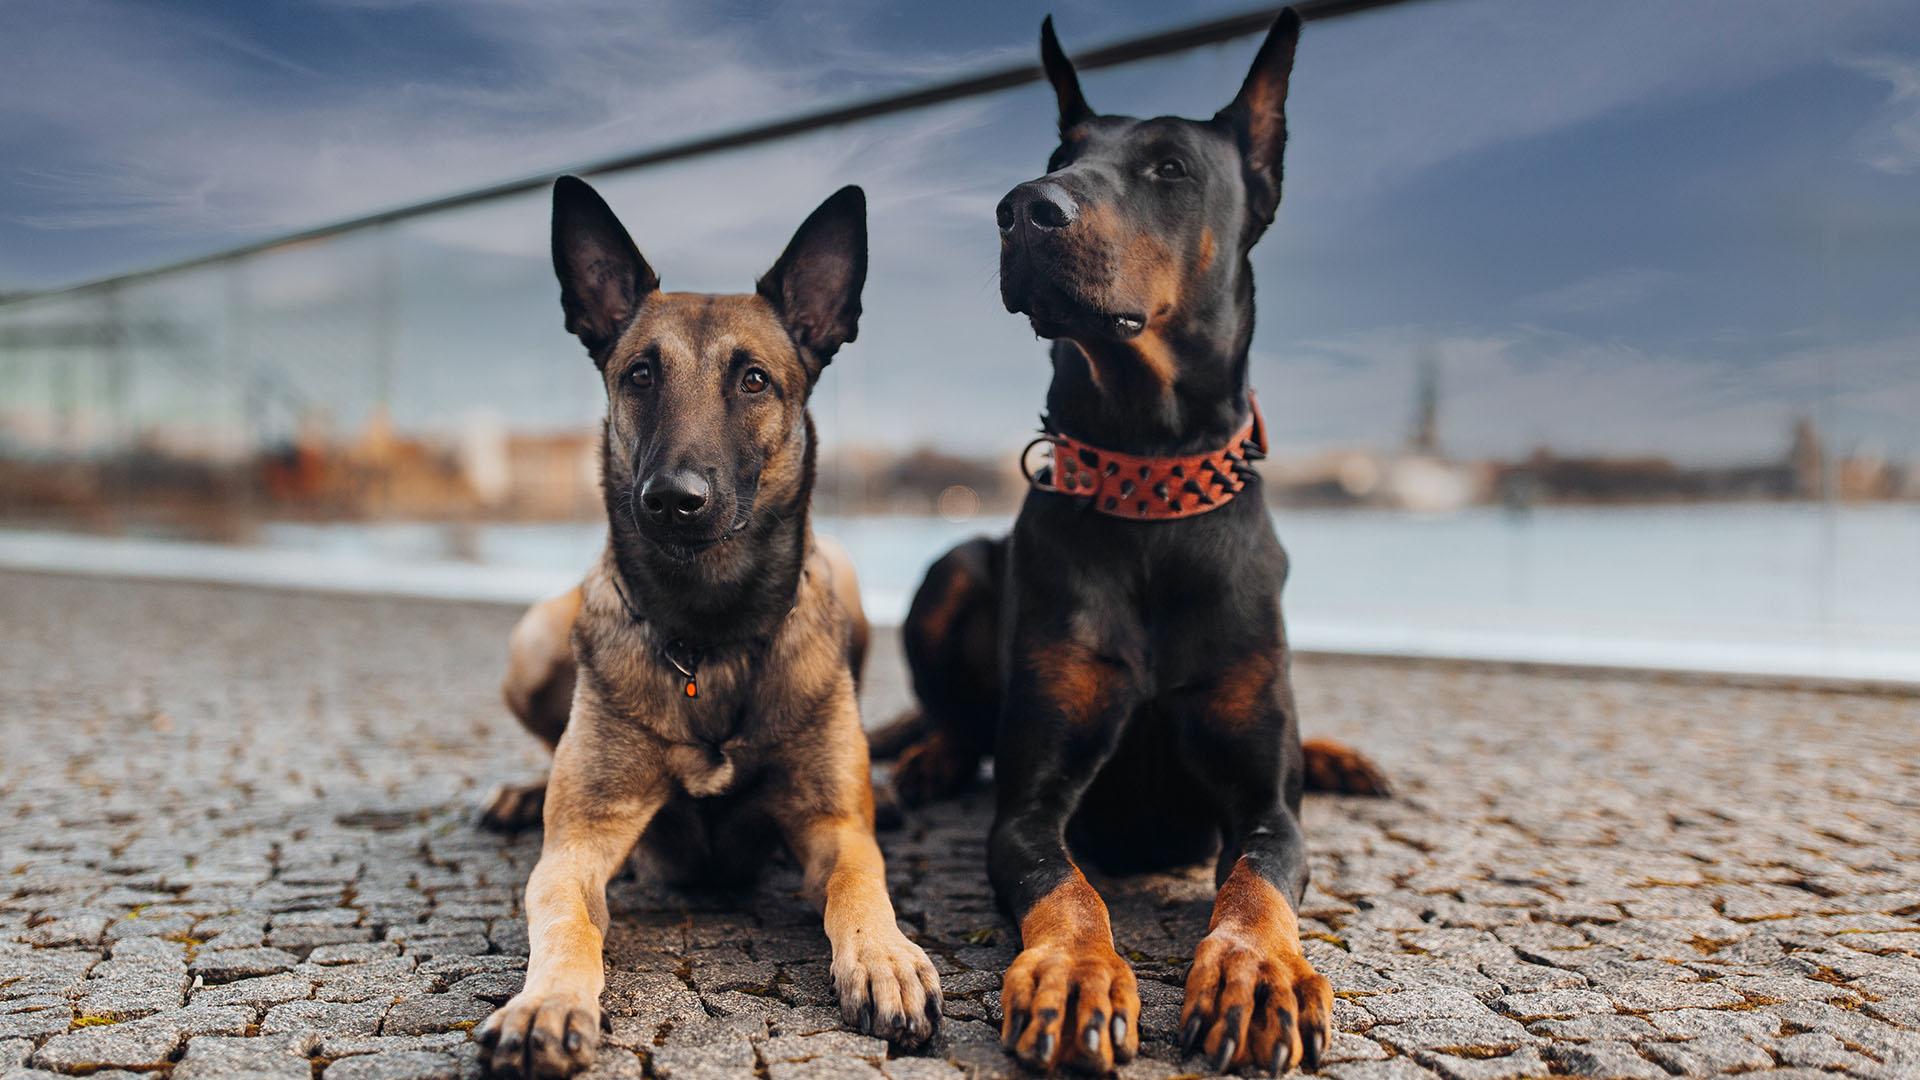 Egy kutya pontosabban kiszagolja a koronavírust, mint egy gyógyszertári gyorsteszt